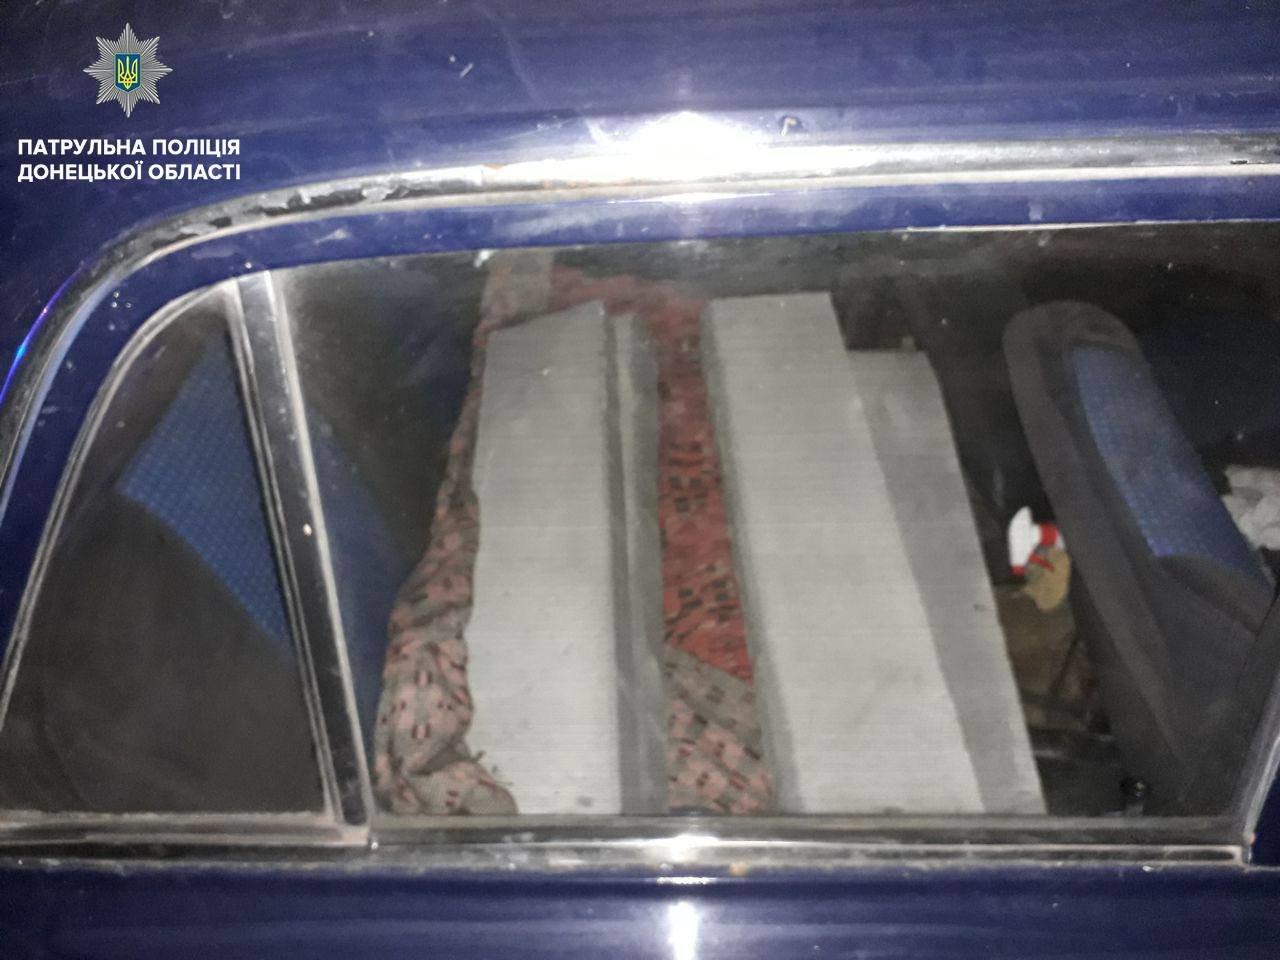 Патрульные задержали мариупольца, который пытался украсть новые бордюры, - ФОТО, фото-1